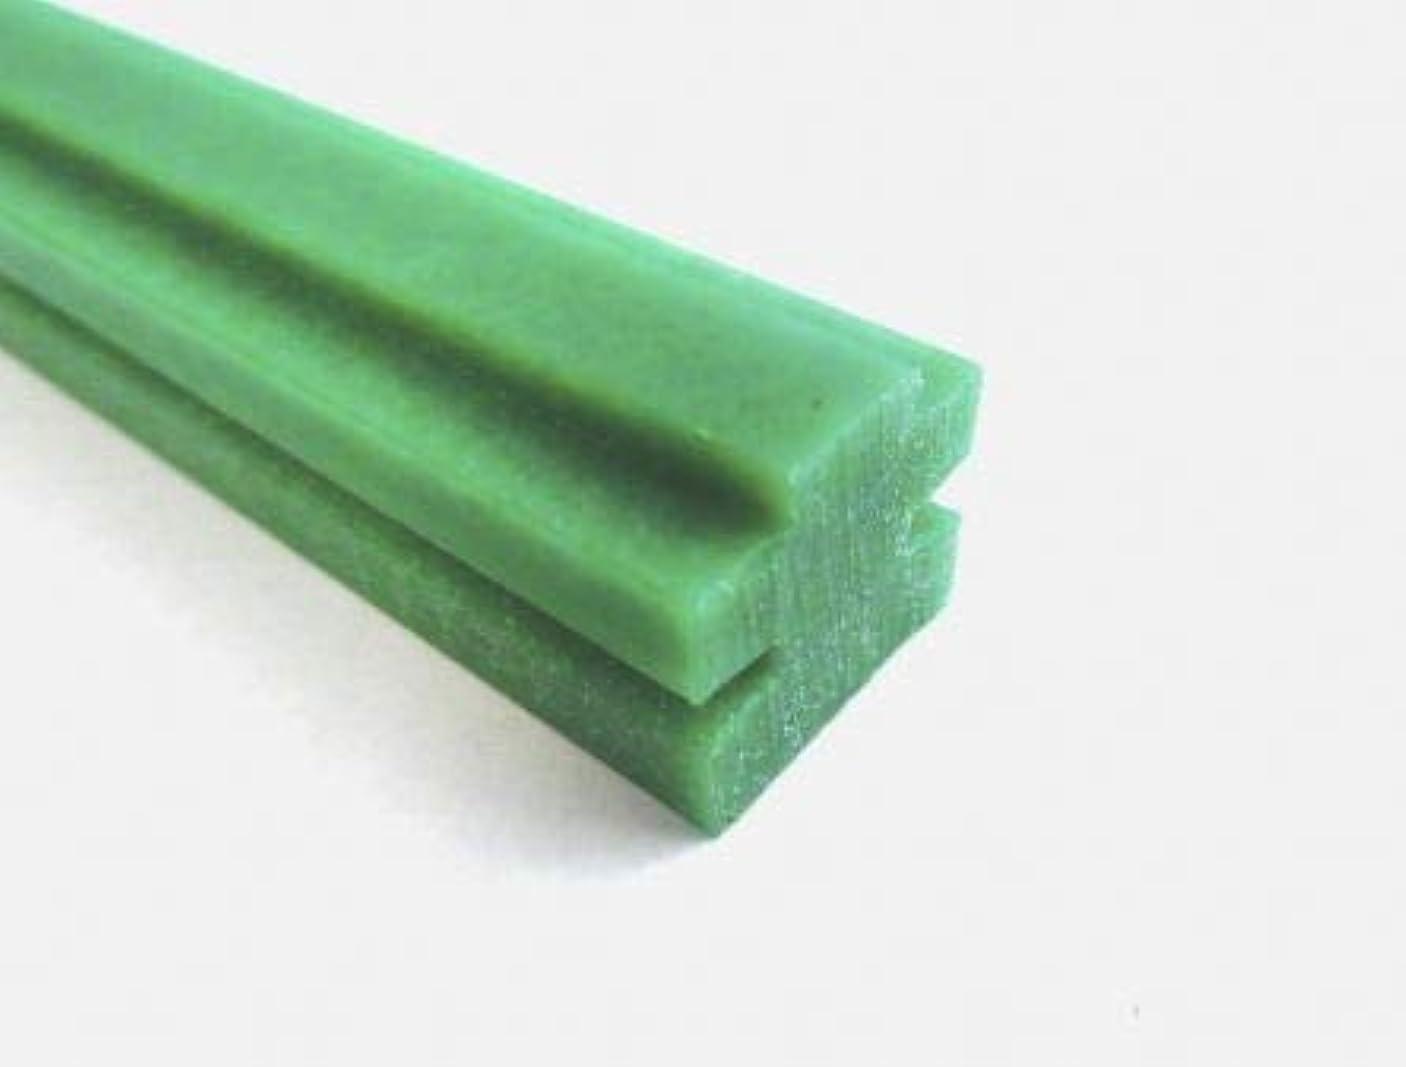 教養があるクレジット金貸しRS PRO チェーンガイド, タイプ 10B, 緑, 2m x 20mm x 15mm 1465482